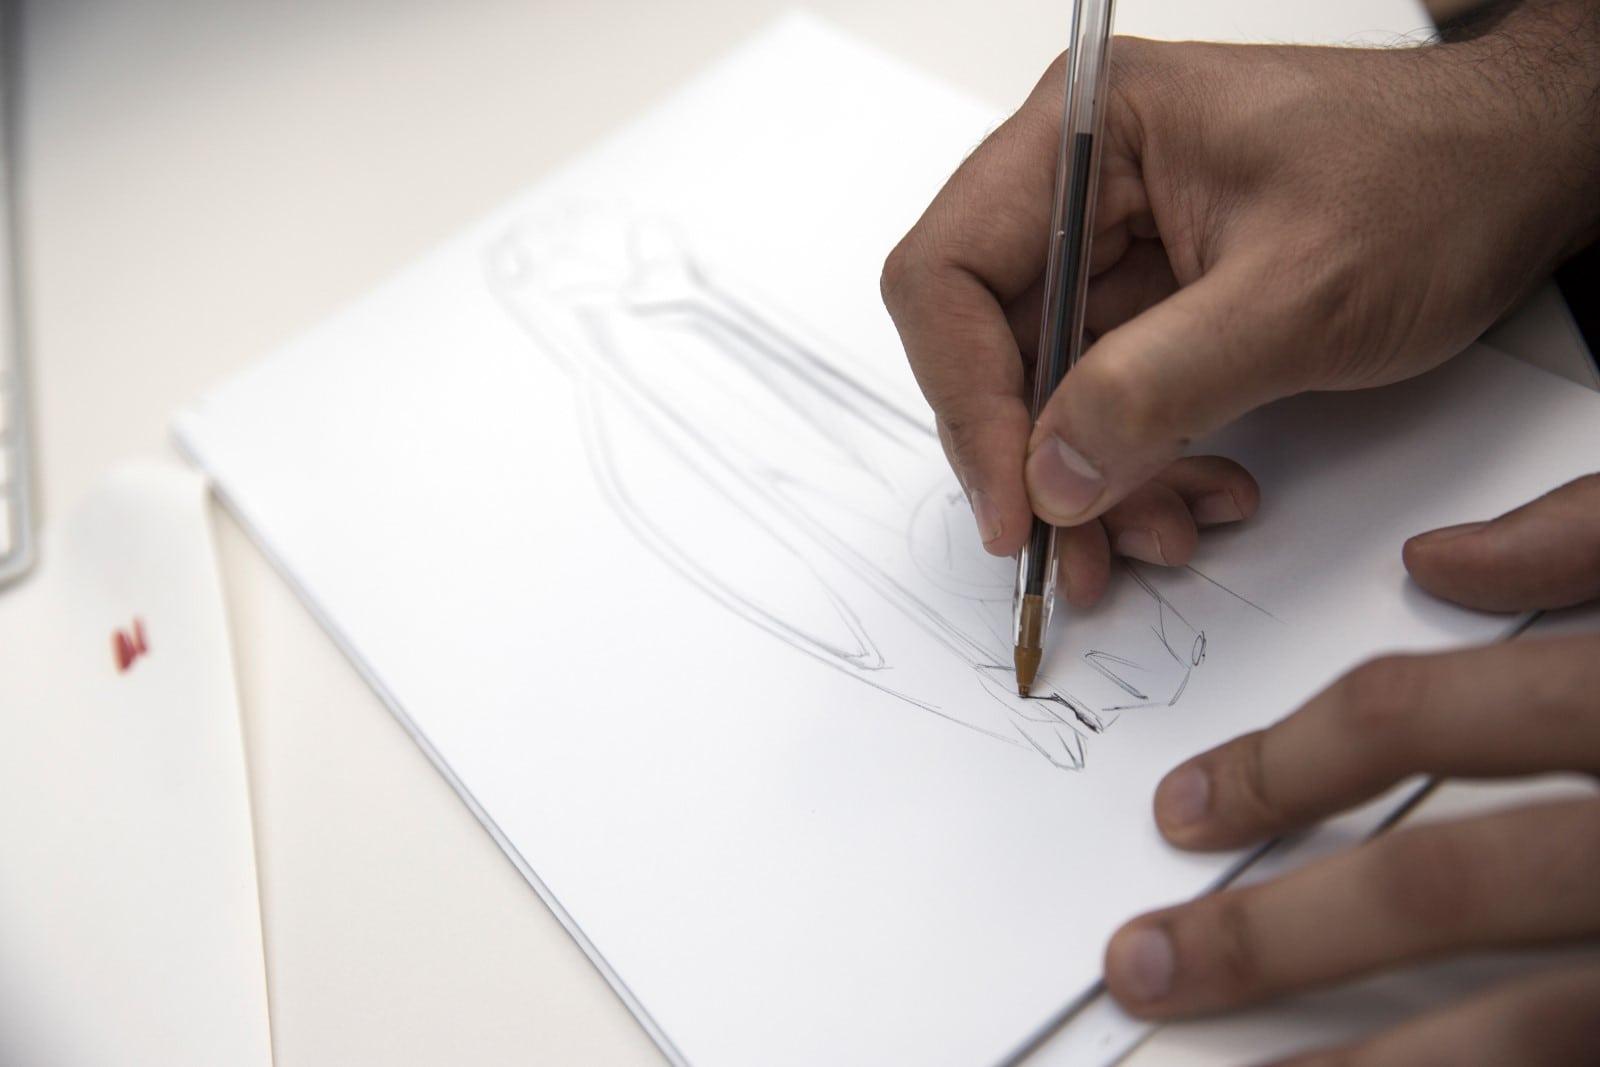 BMW 6 Series GT 2017 Design Sketches